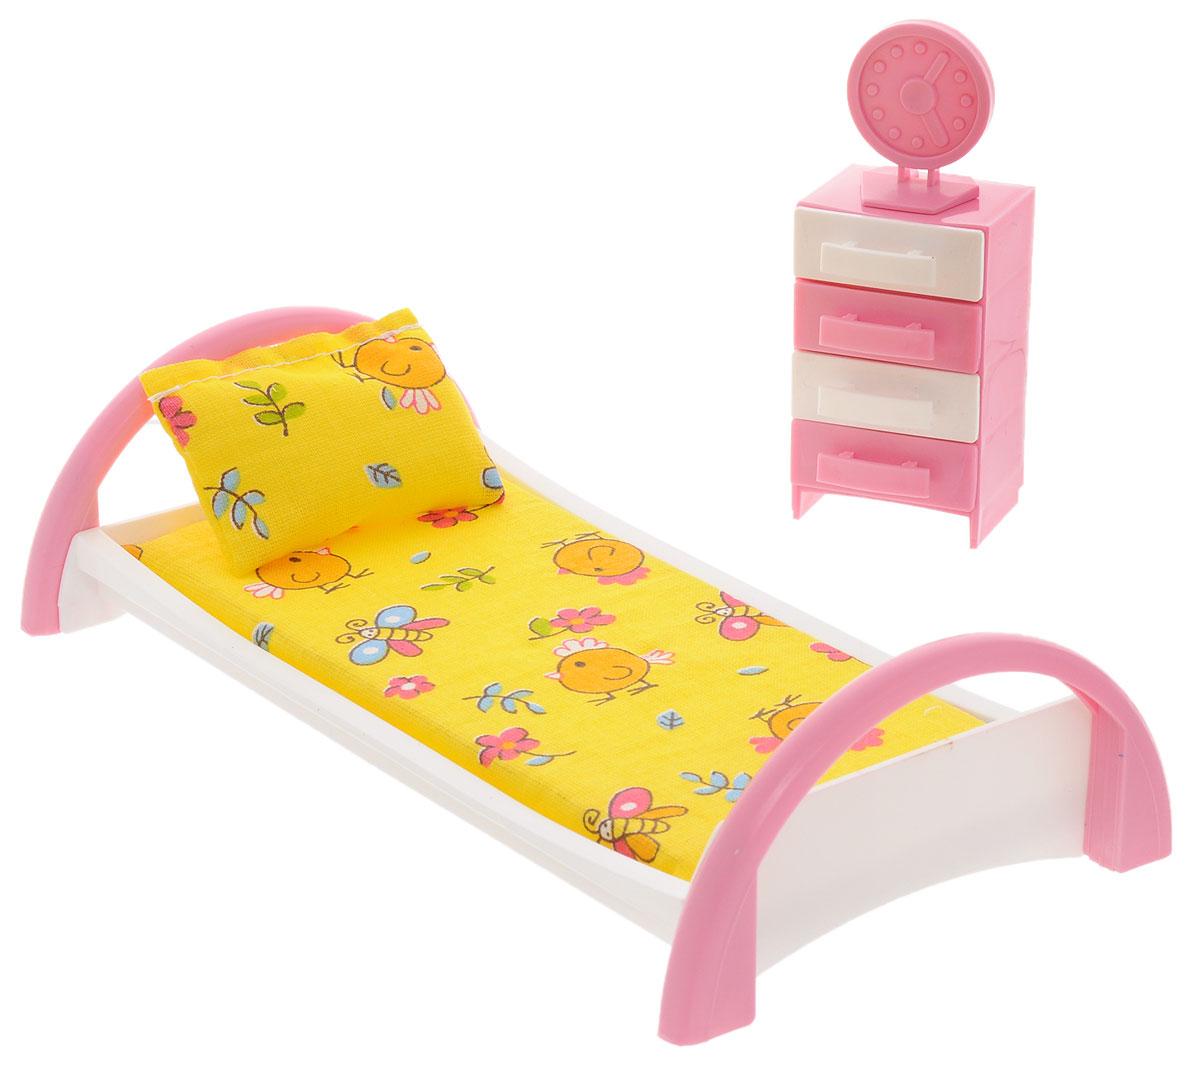 Форма Набор мебели для кукол Кровать с тумбочкой цвет желтыйС-50-Ф_желтыйМебель для кукол Форма Кровать с тумбочкой изготовлена для кукол не выше 20 см. Эти предметы мебели создают настоящий уют в кукольной спальне. Игровой набор мебели для куклы Кровать с тумбочкой включает в себя кроватку для куклы с постельным бельем. В наборе имеется тумбочка. У тумбочки выдвигаются ящички, на кровати предусмотрена подушка и матрац. В набор входят часы, которые можно установить на тумбочку. Весь набор изготовлен из прочного и безопасного материала. Порадуйте свою малышку таким замечательным подарком!